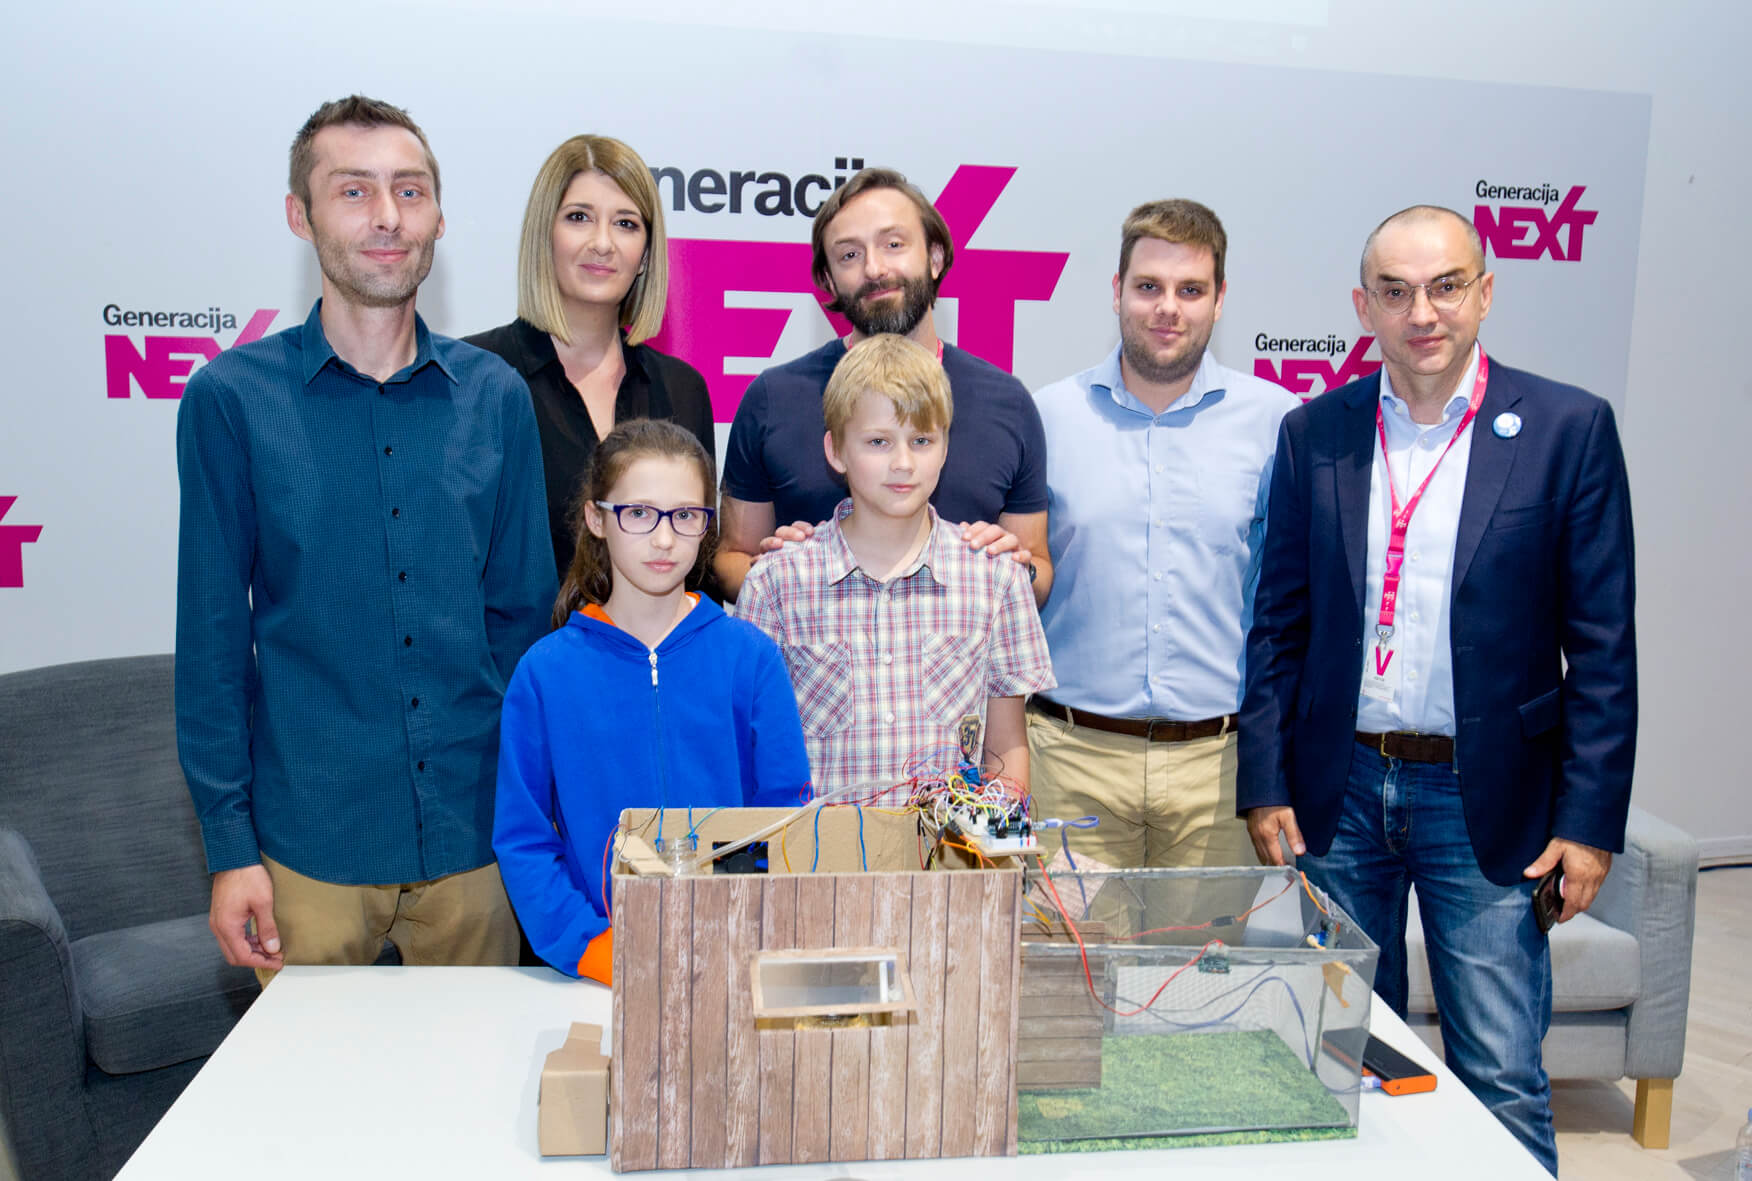 Na natjecanju koje priprema mlade za budućnost najboljima proglašeni automatizirani pilićarnik i interaktivna meteo karta